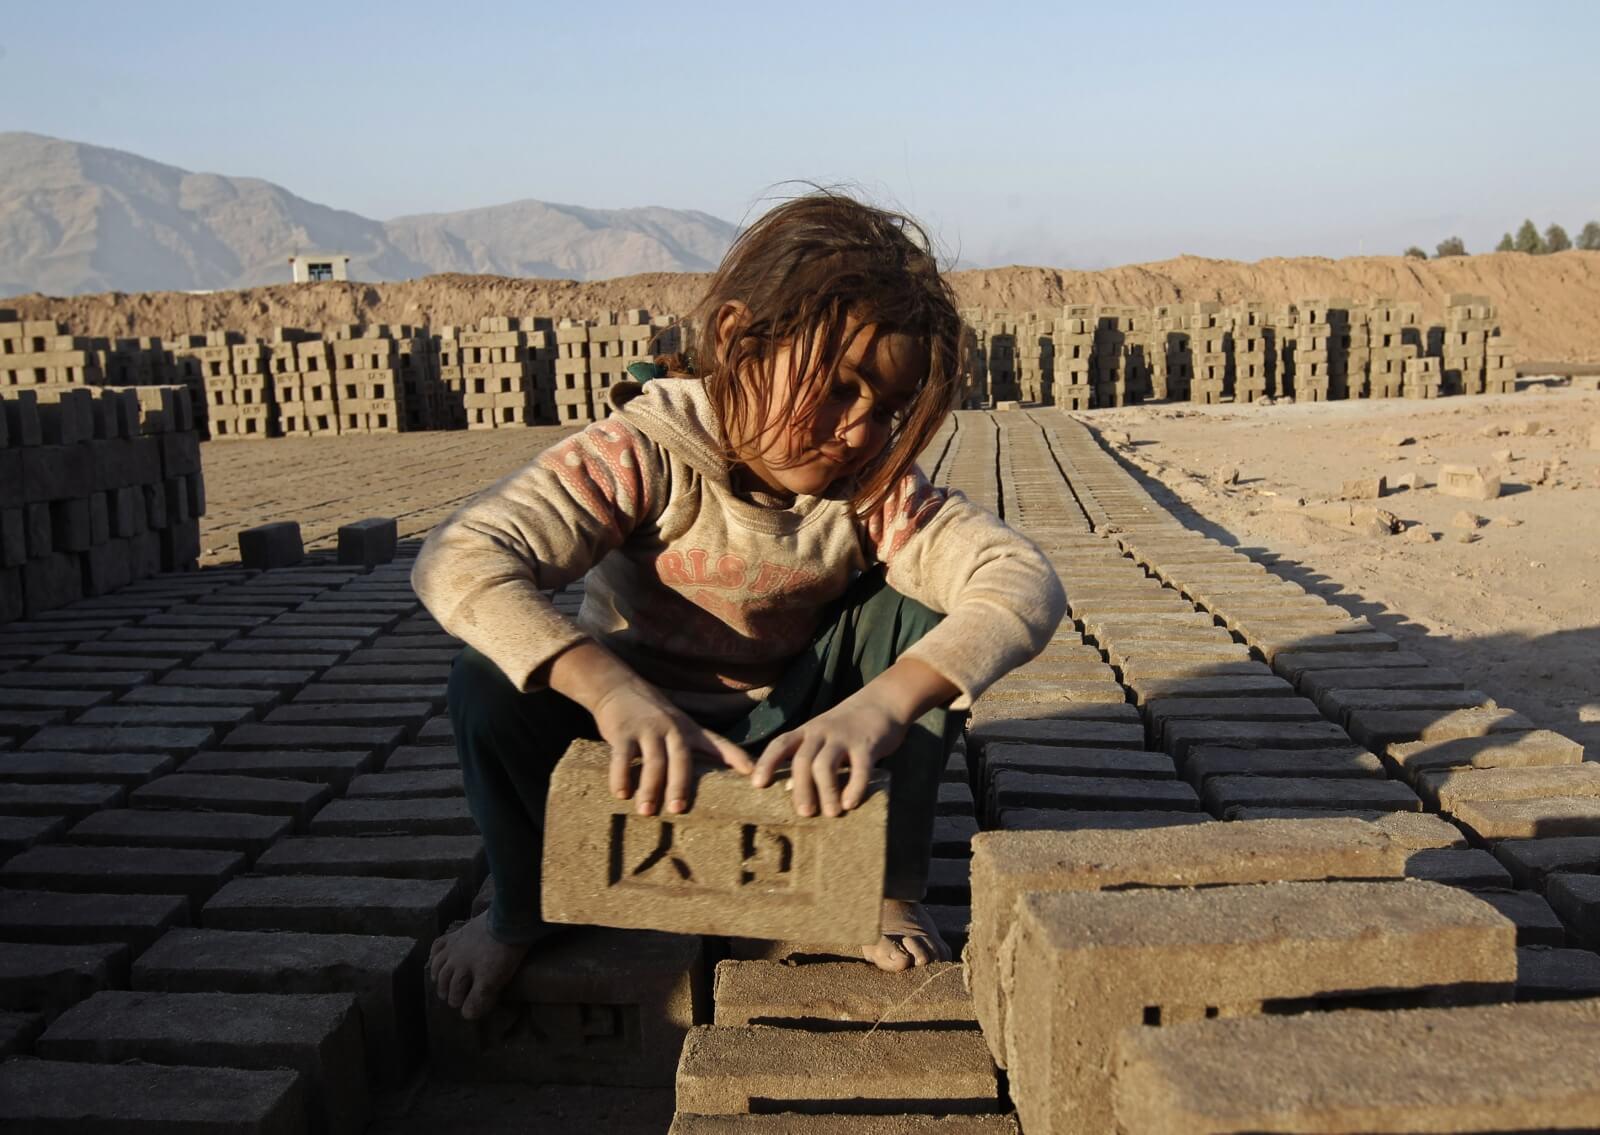 کمک به کودکان کار در افغانستان